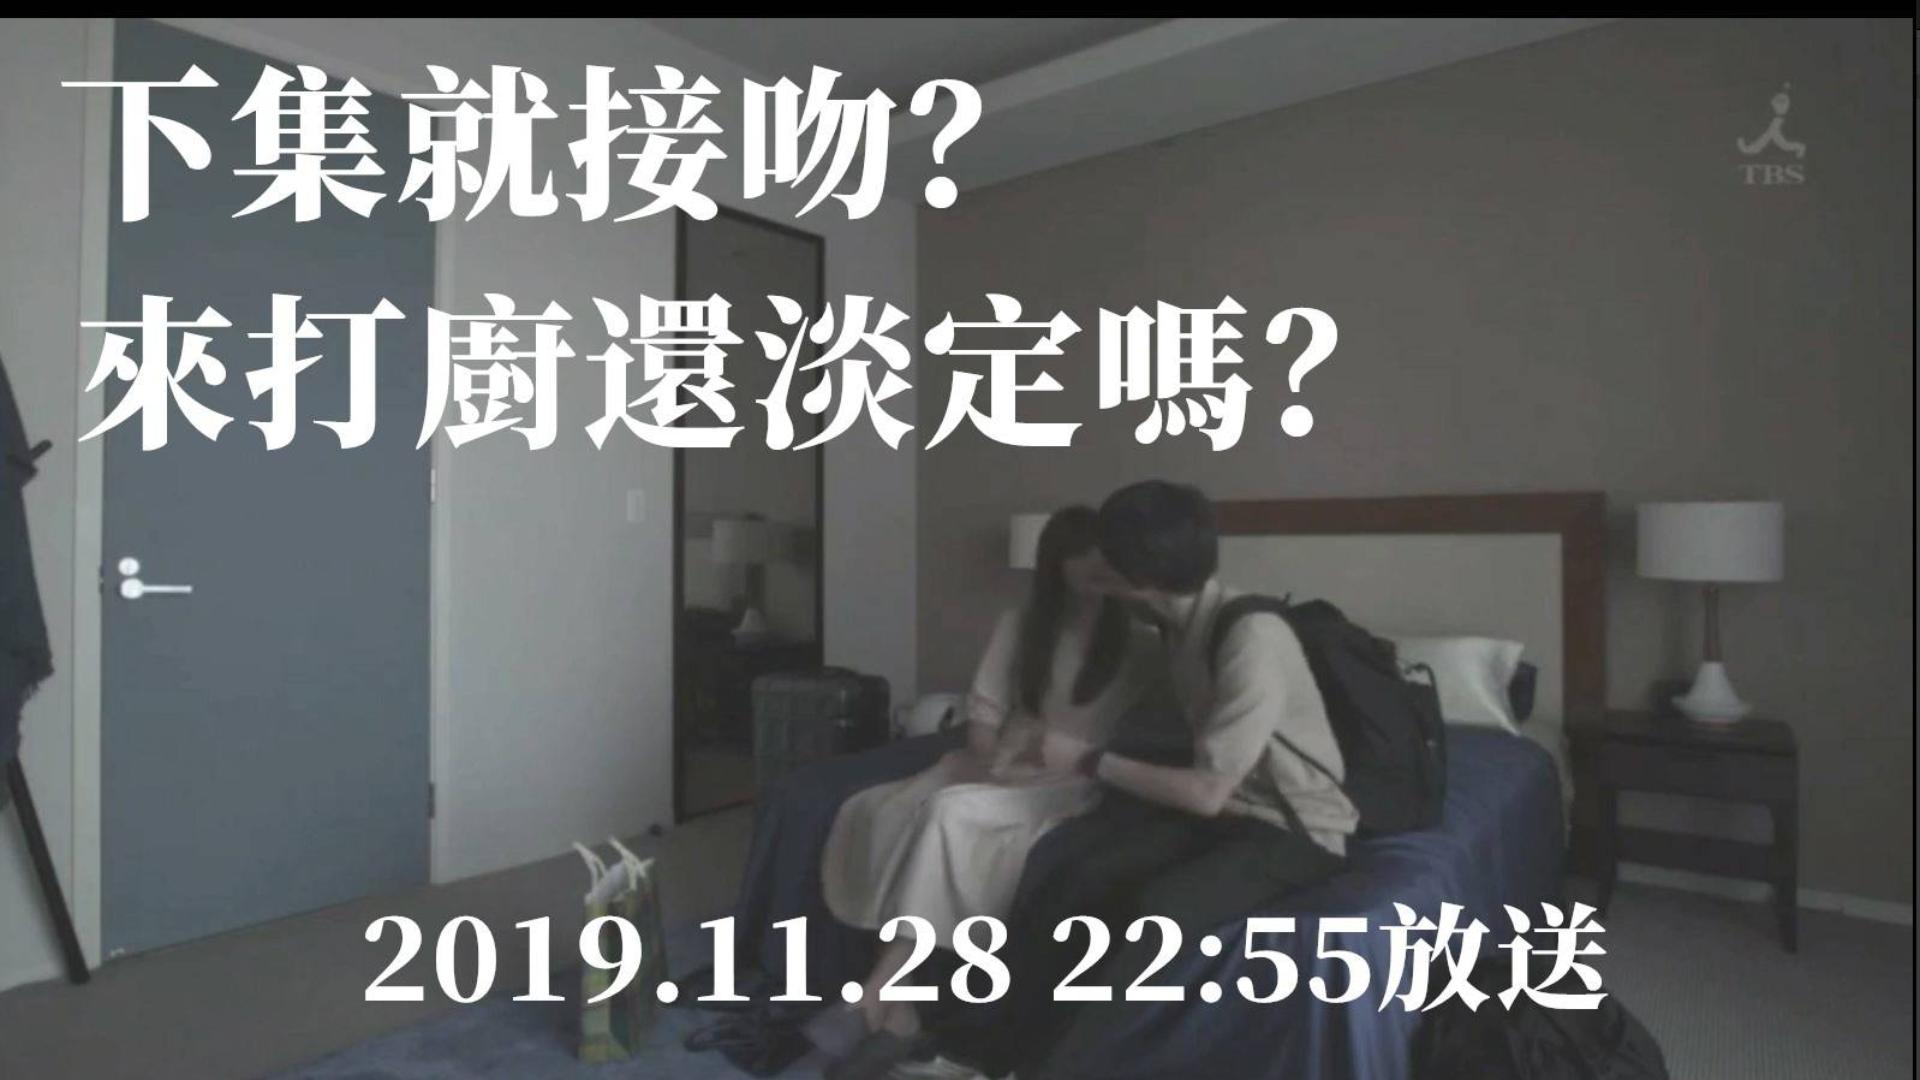 【双人床之七日情人】下集就接吻?来打厨还能淡定吗?!20191128 第五夜预告